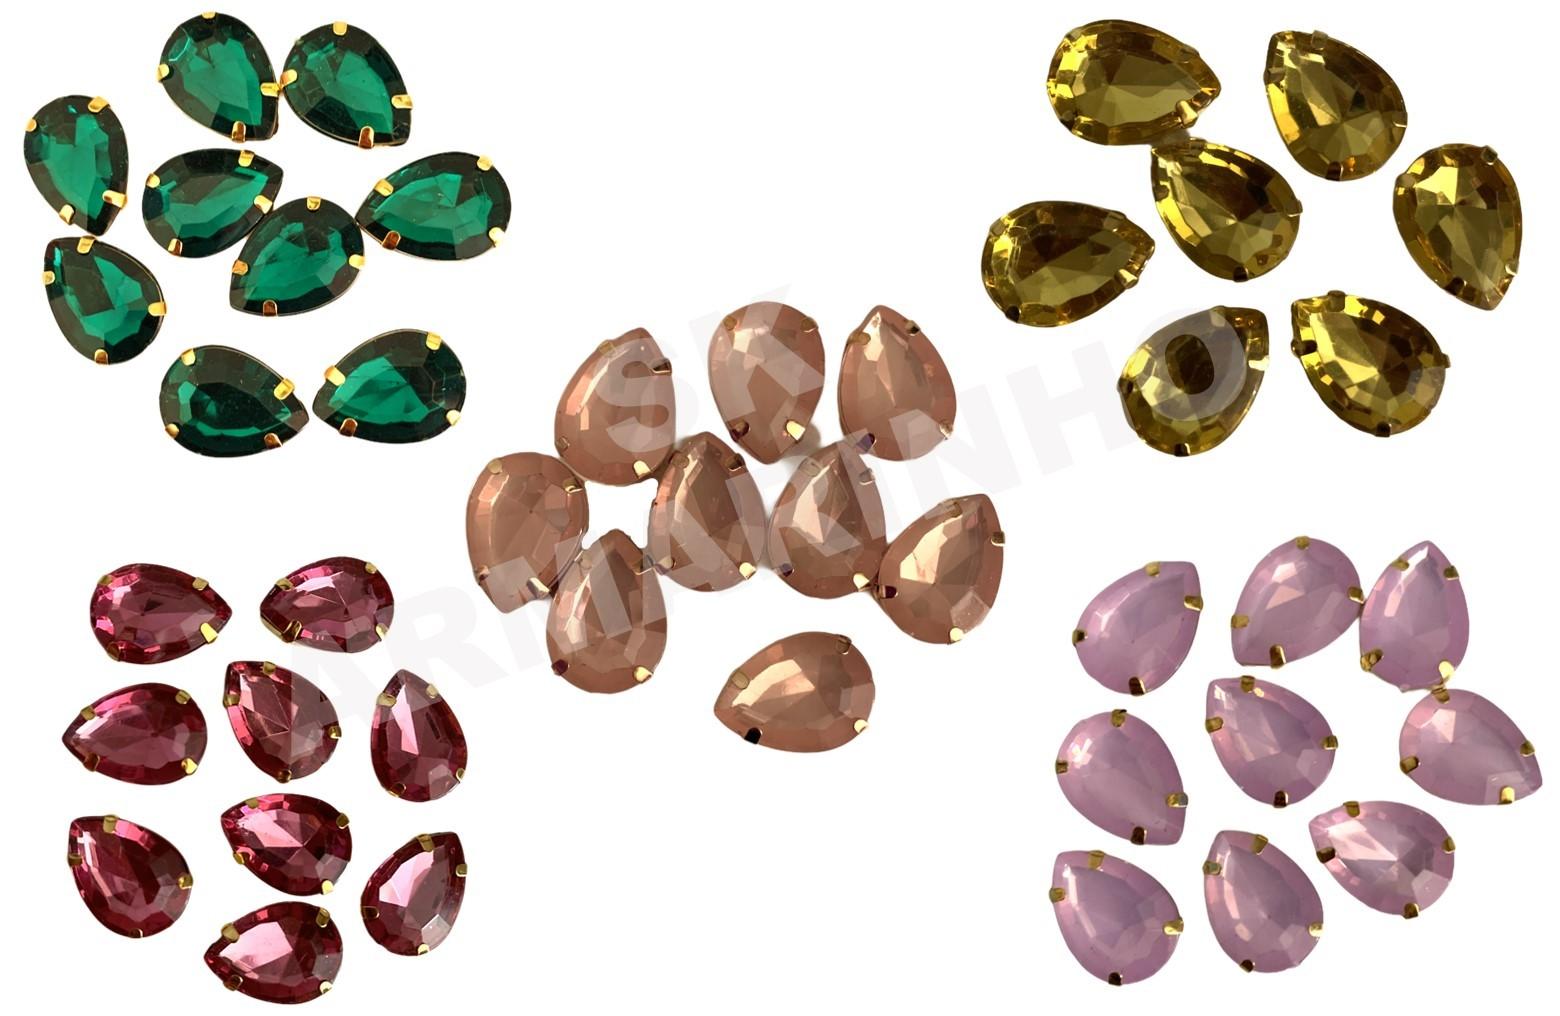 Chaton Emgrampado Dourado 1,9X1,3cm - 10 unidades